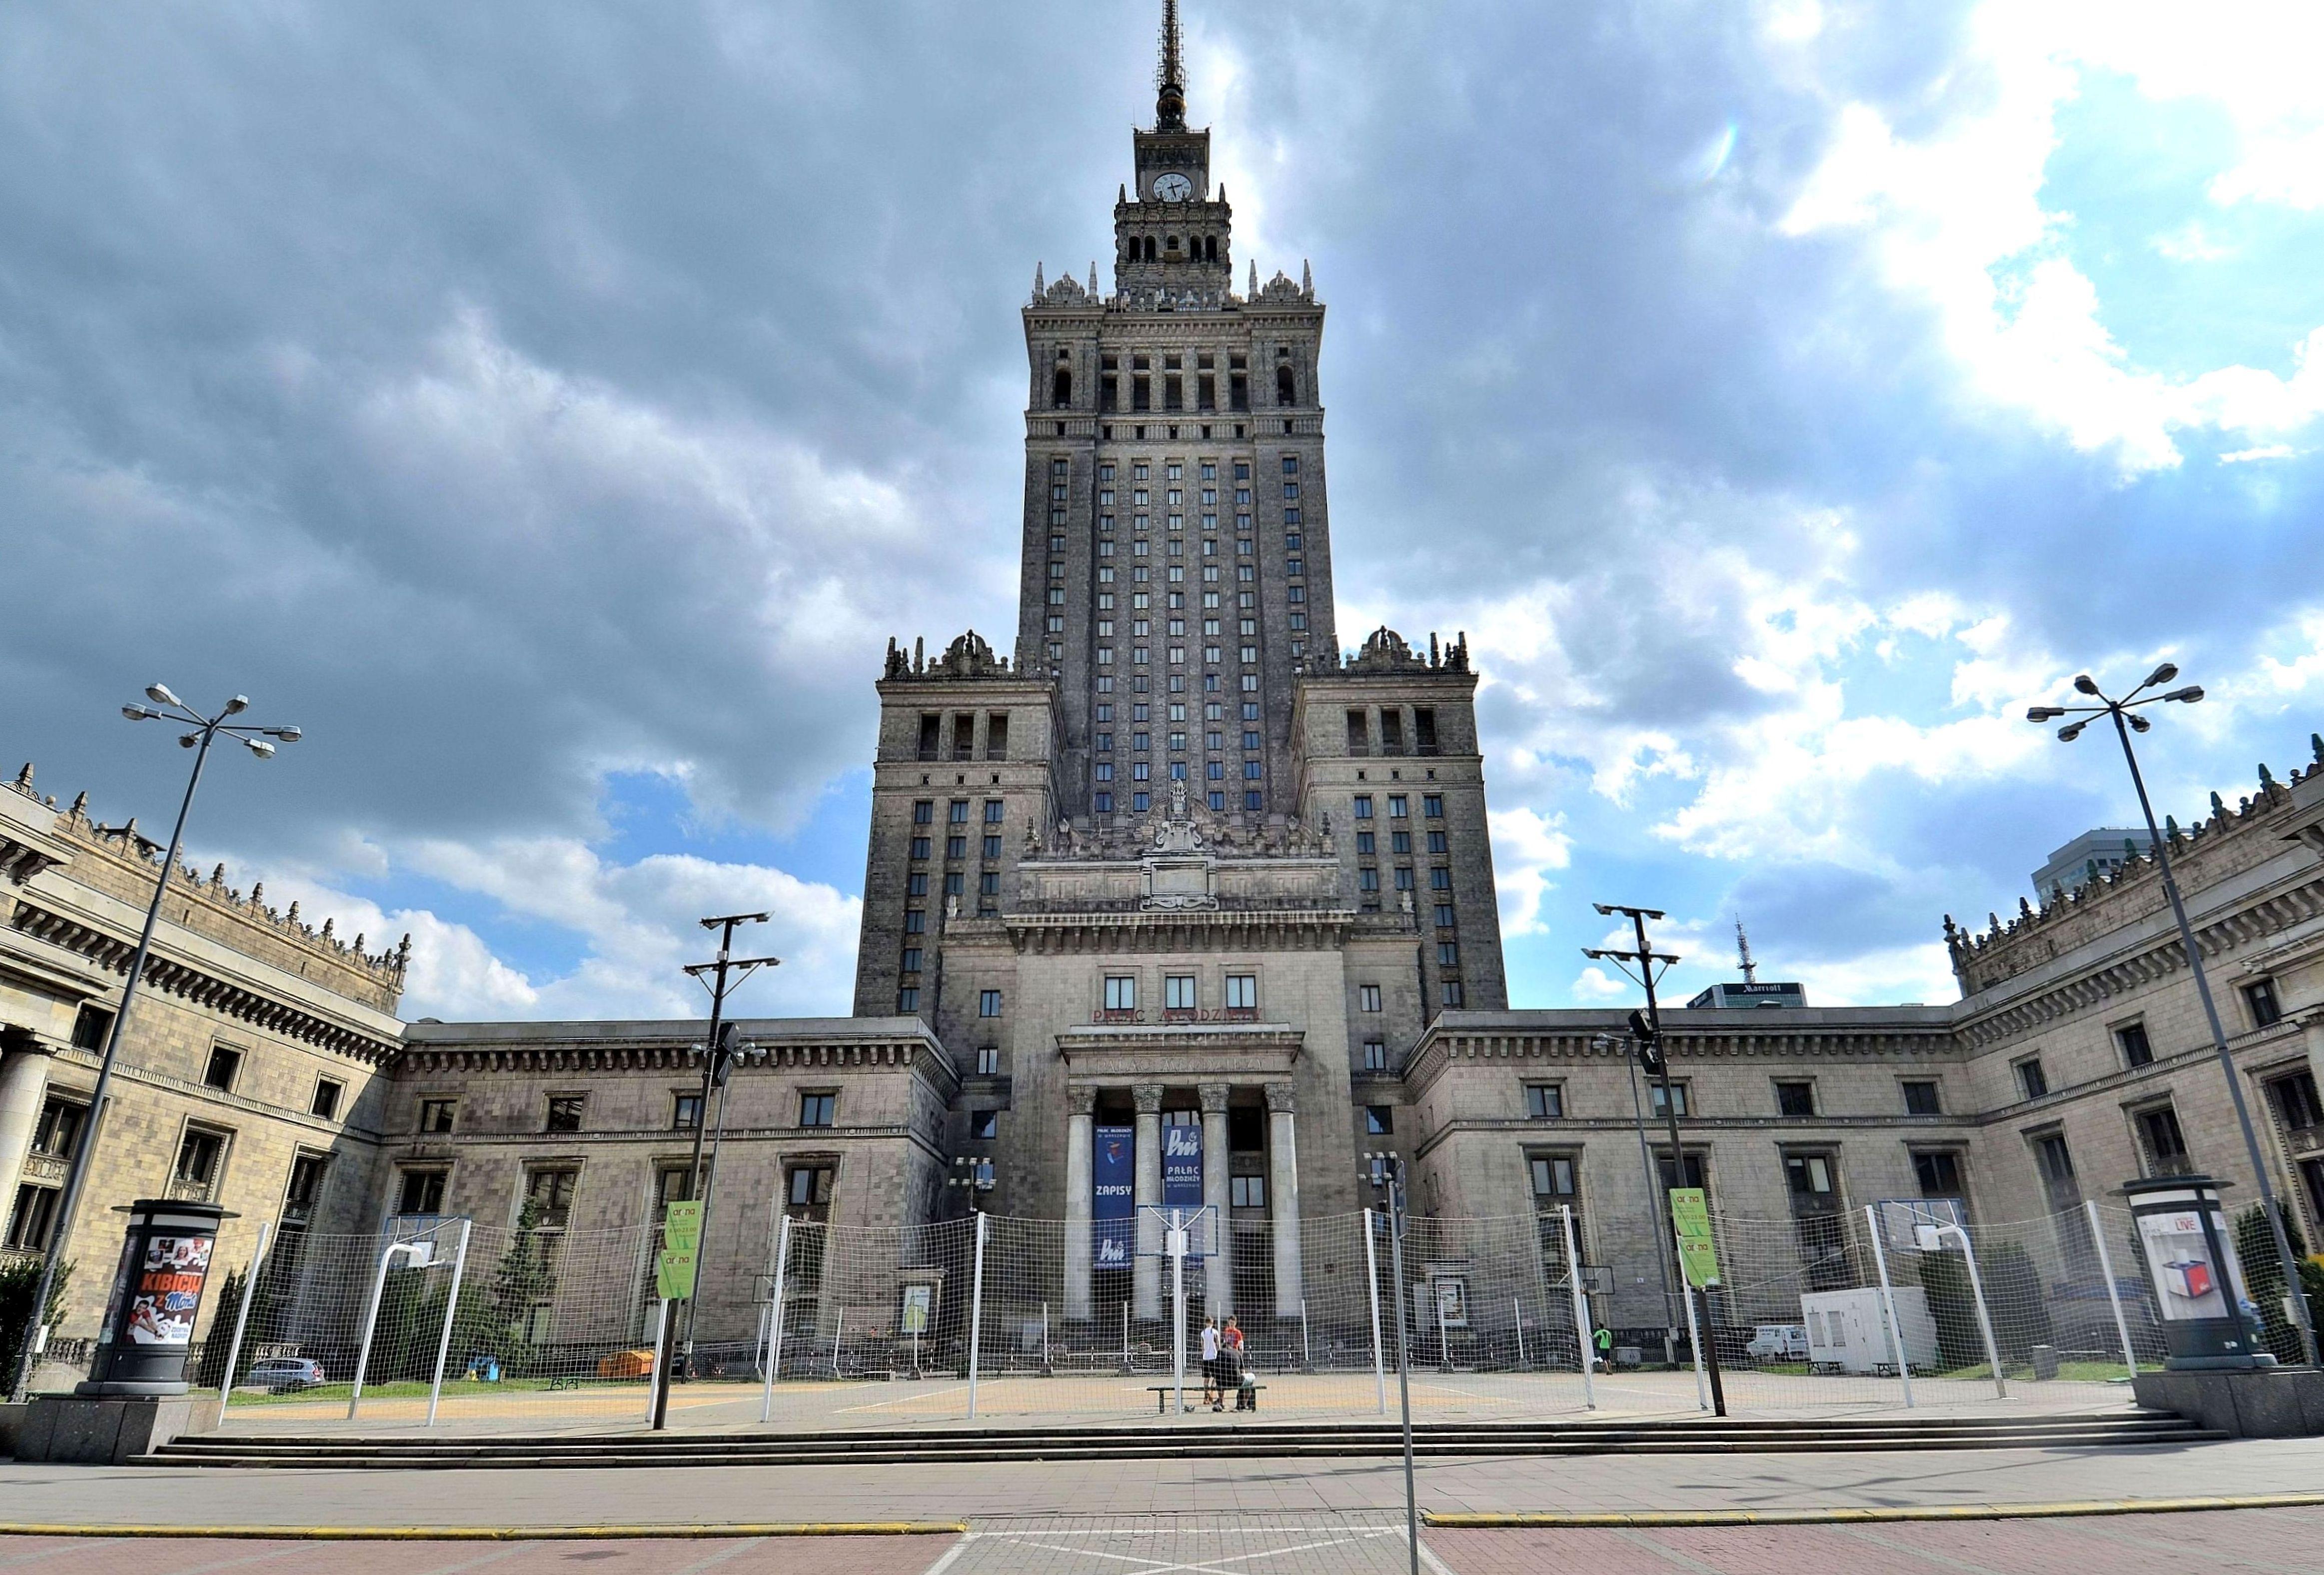 File:Pałac Kultury i Nauki - Pałac Młodzieży w Warszawie.JPG - Wikimedia Commons